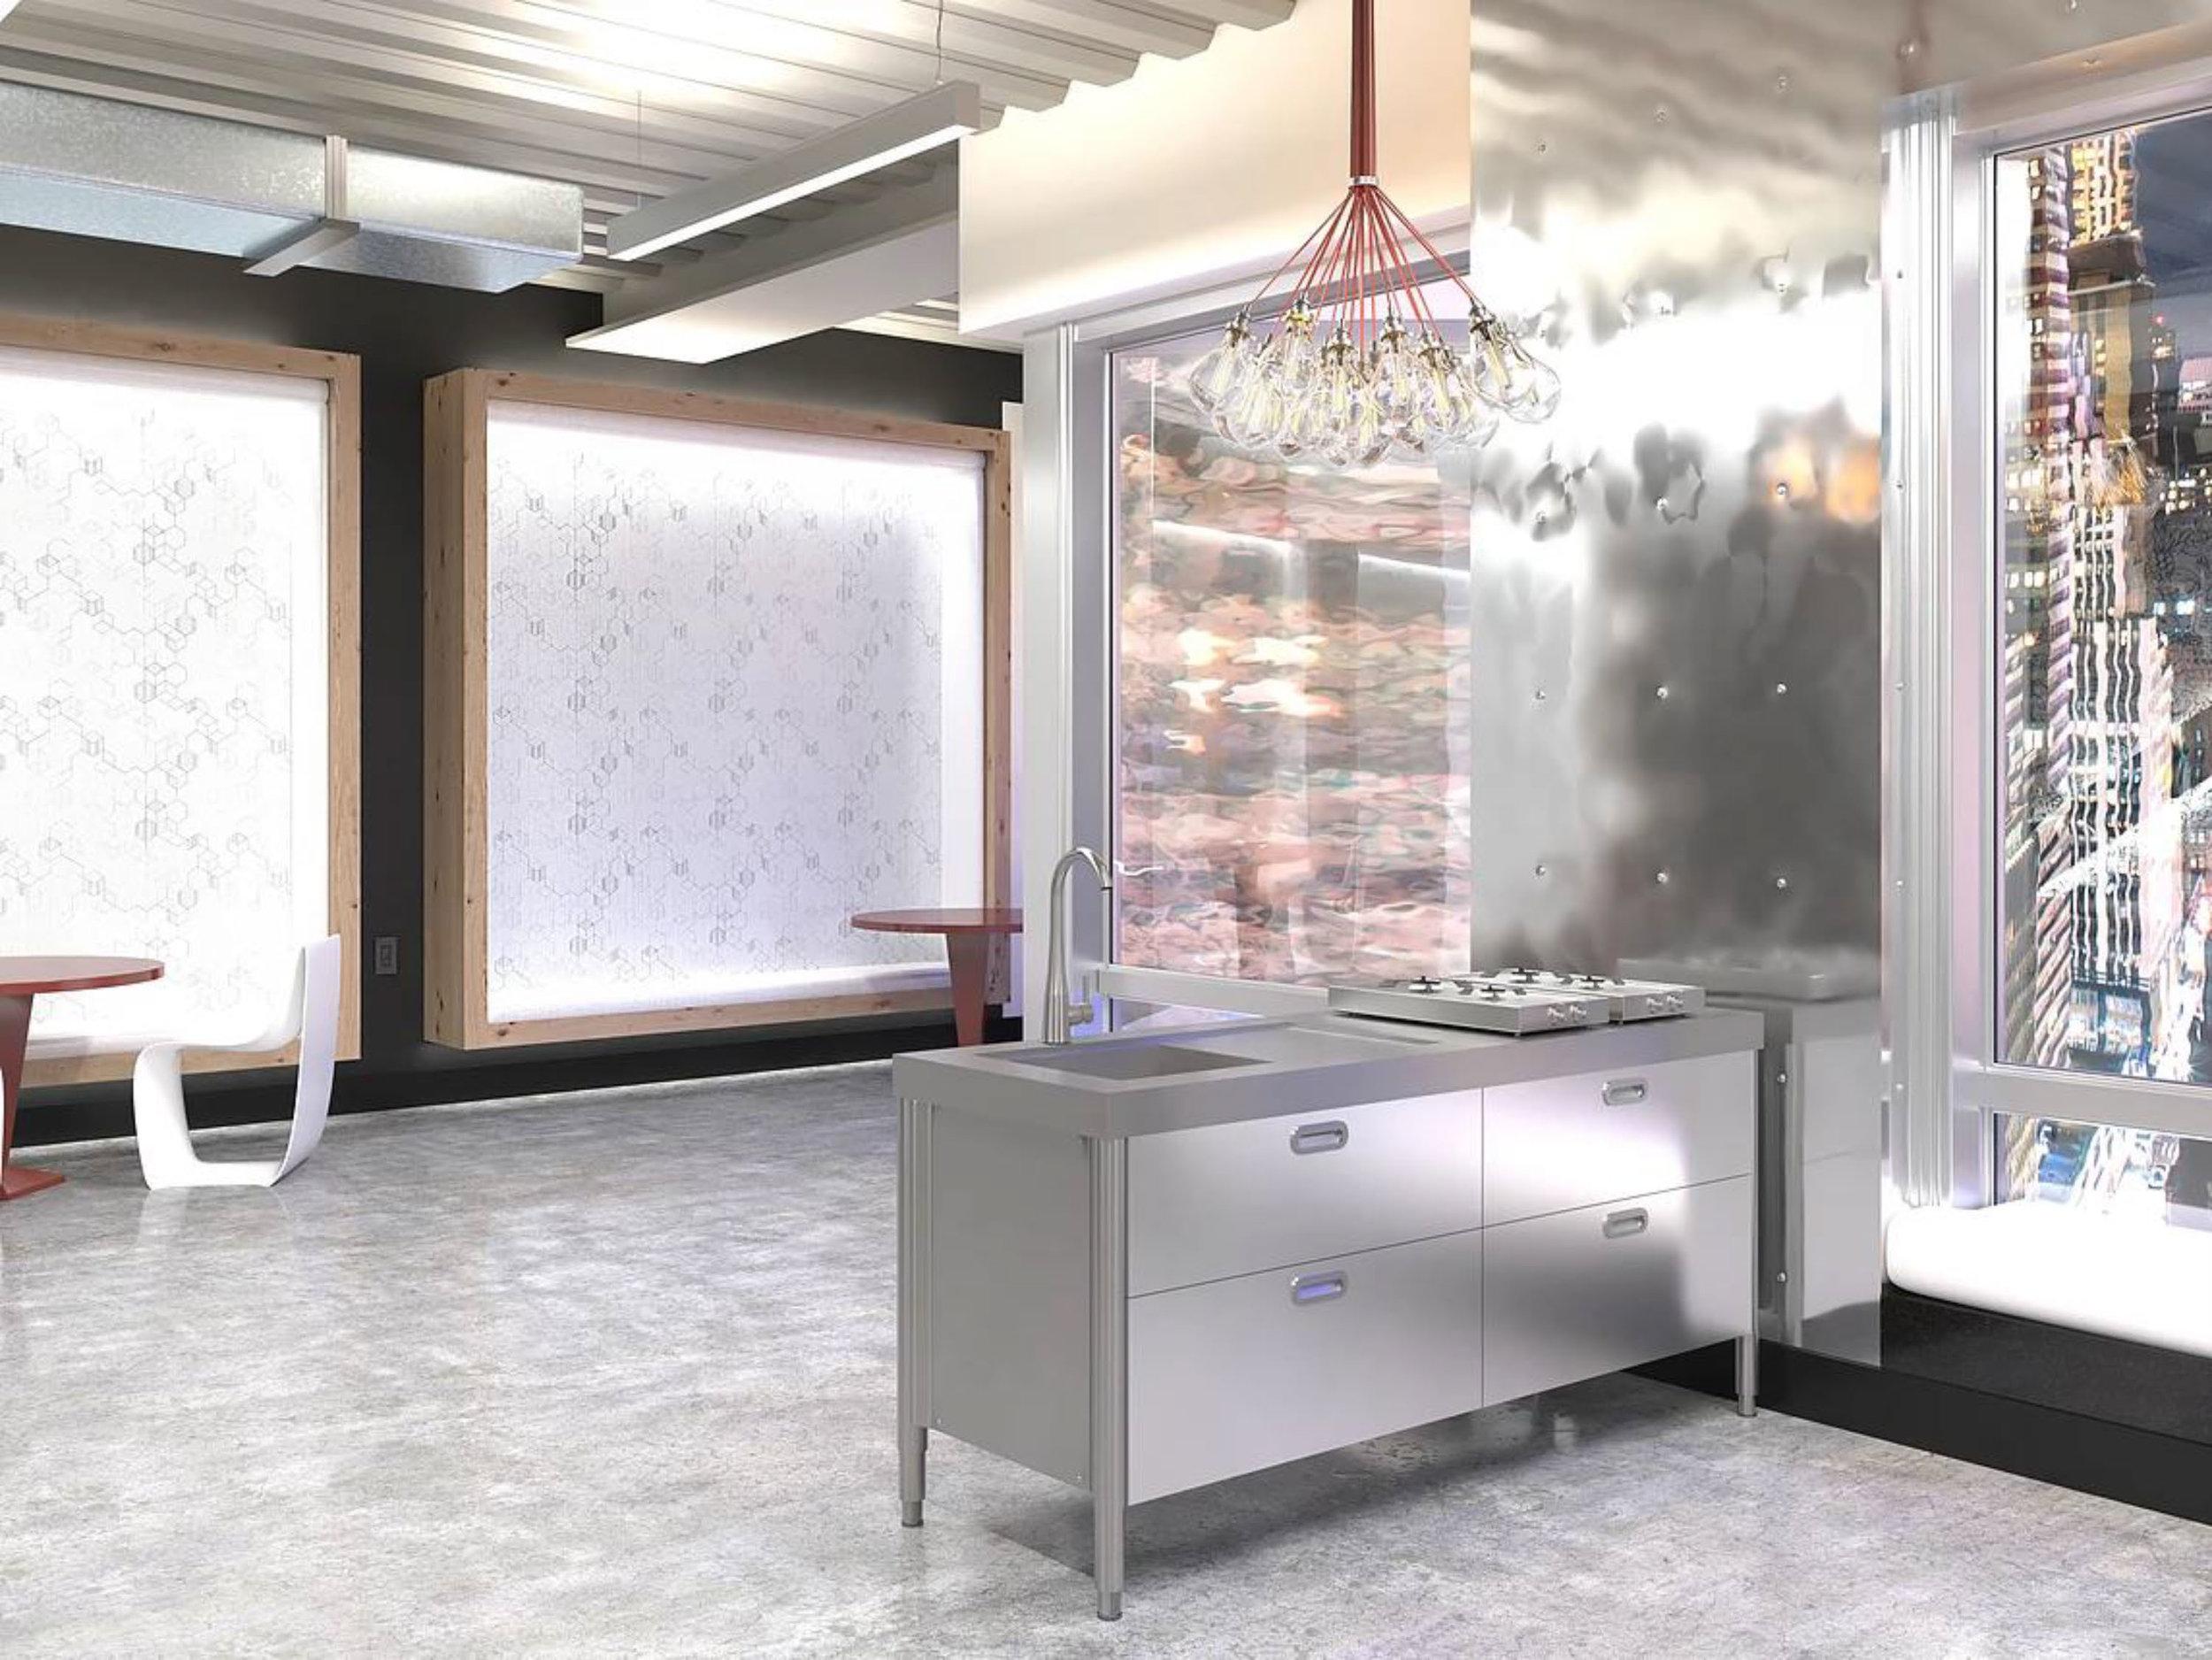 420 5th Avenue Co-Work_Kitchen 2.jpg